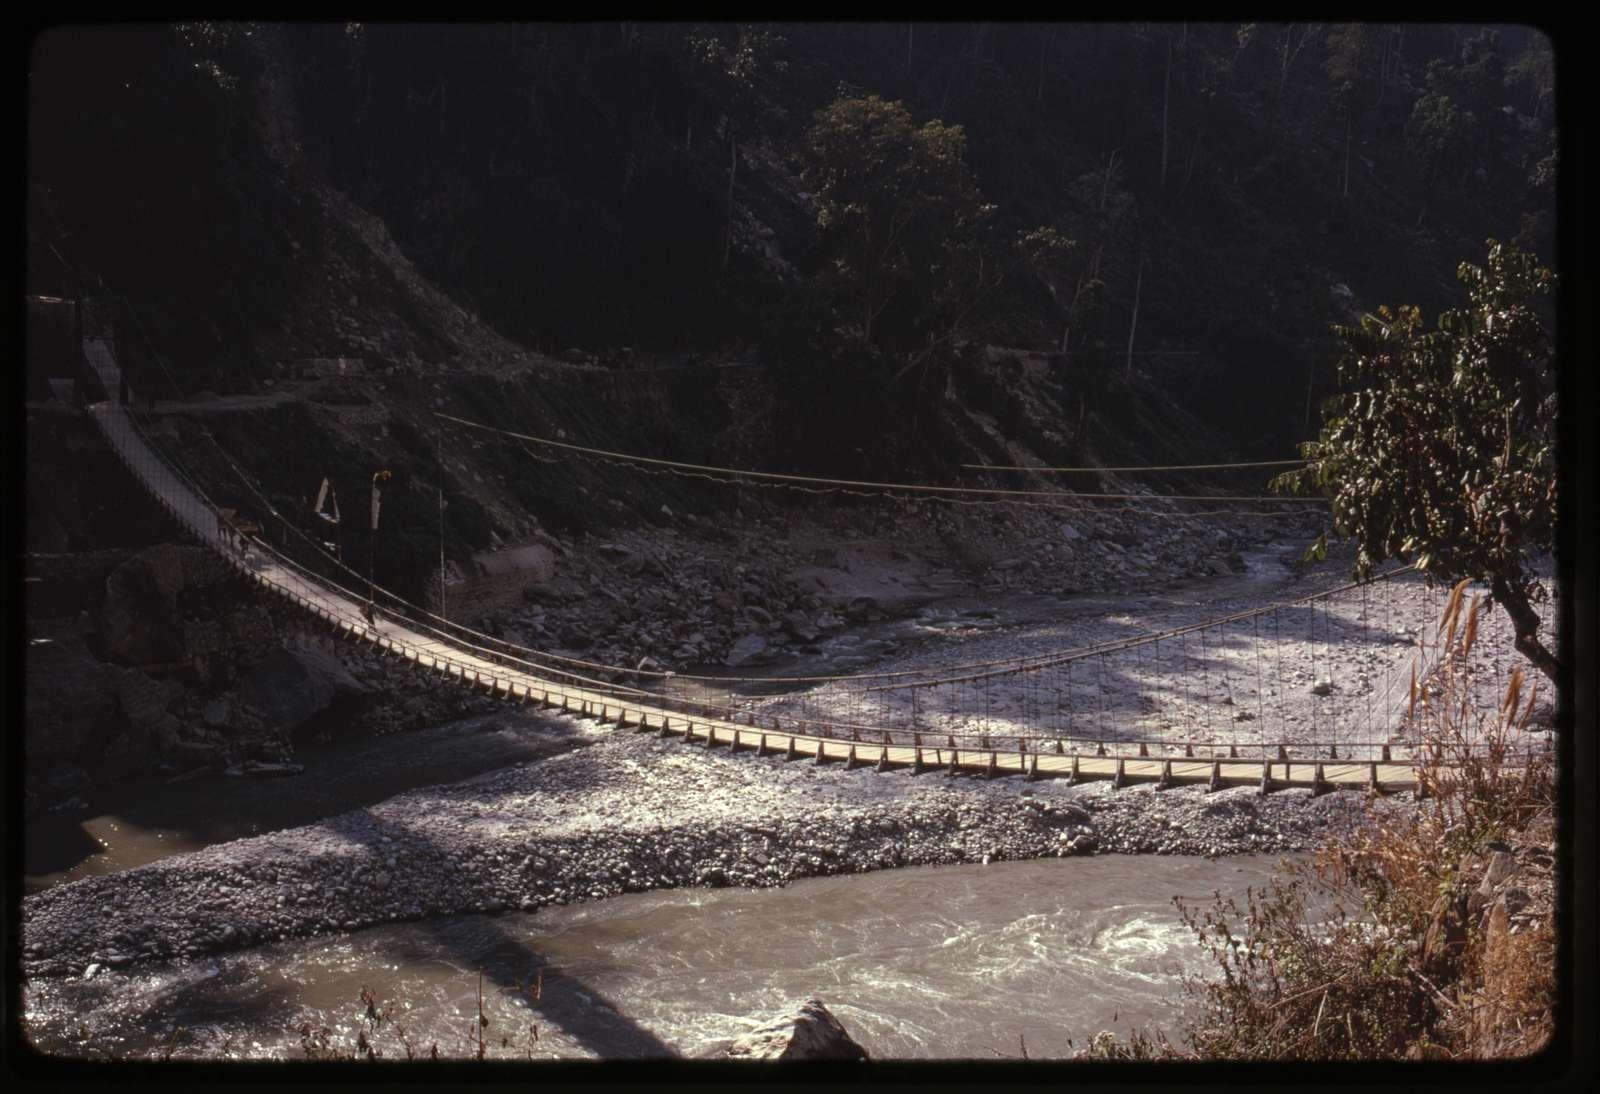 [Suspension bridge over river, Sikkim]